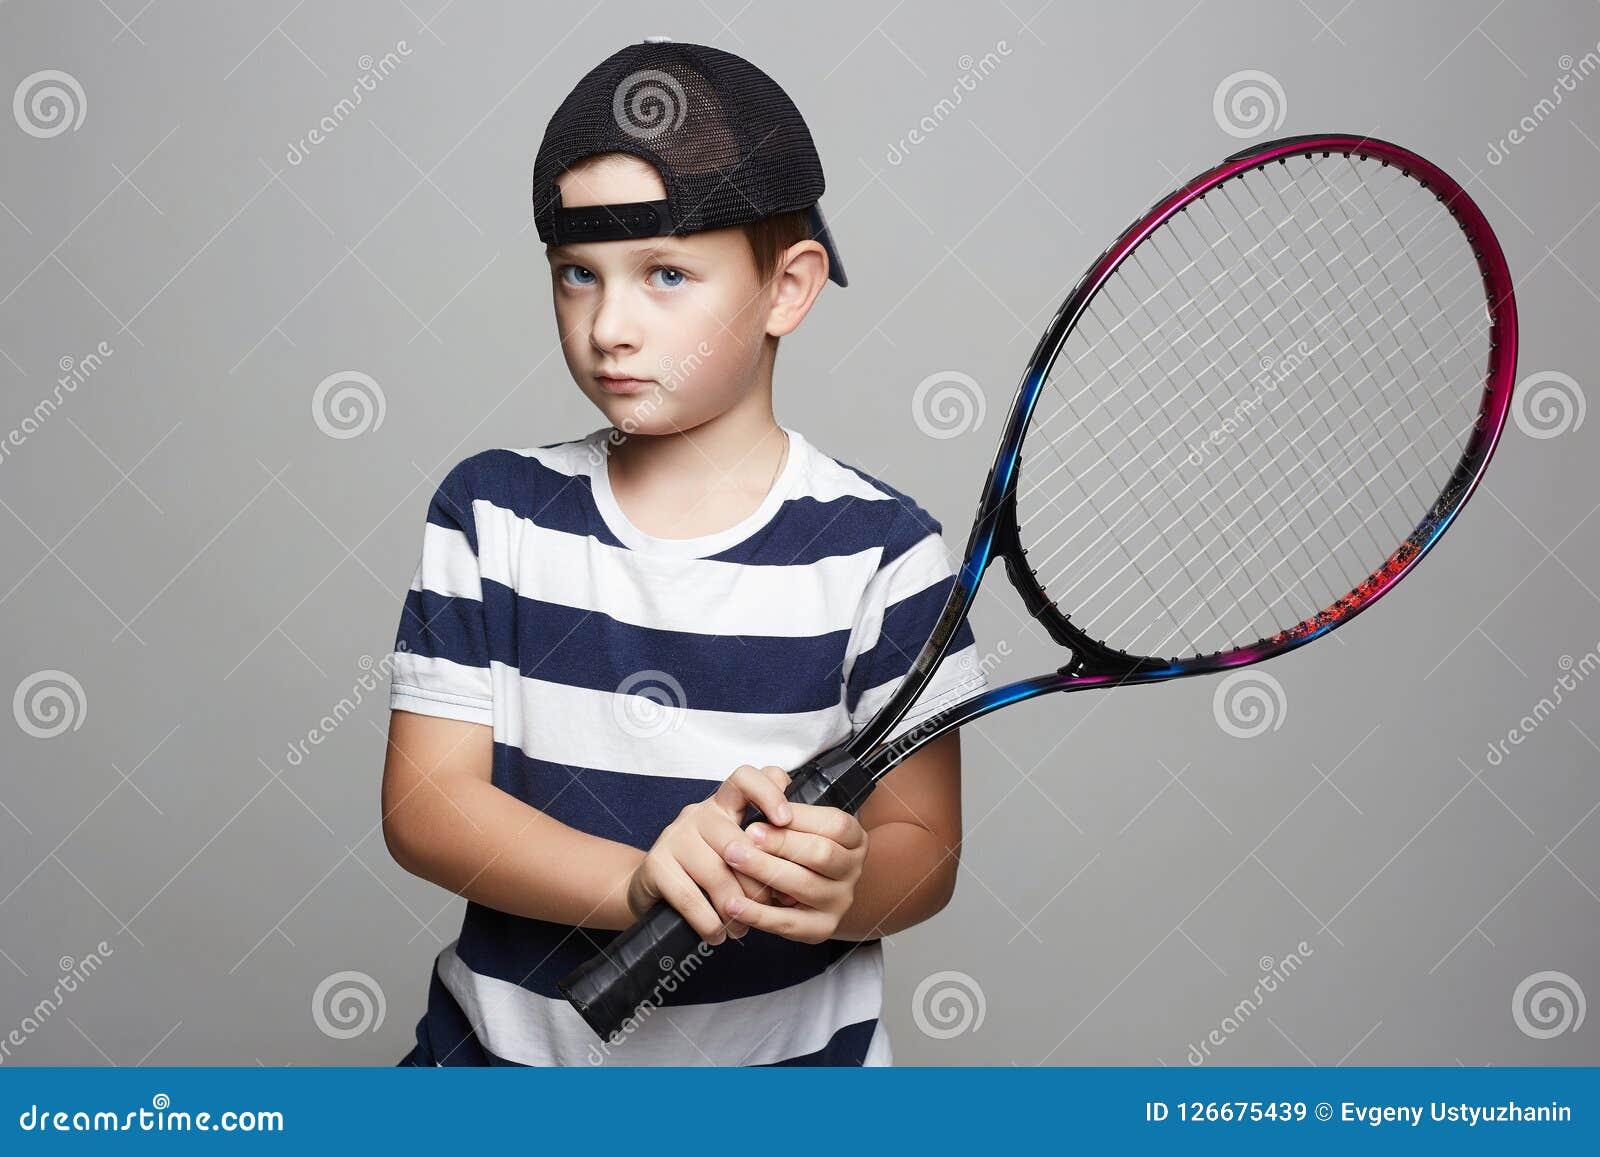 28d8c1b2f6c9a Petit Garçon Jouant Au Tennis Enfants De Sport Image stock - Image ...